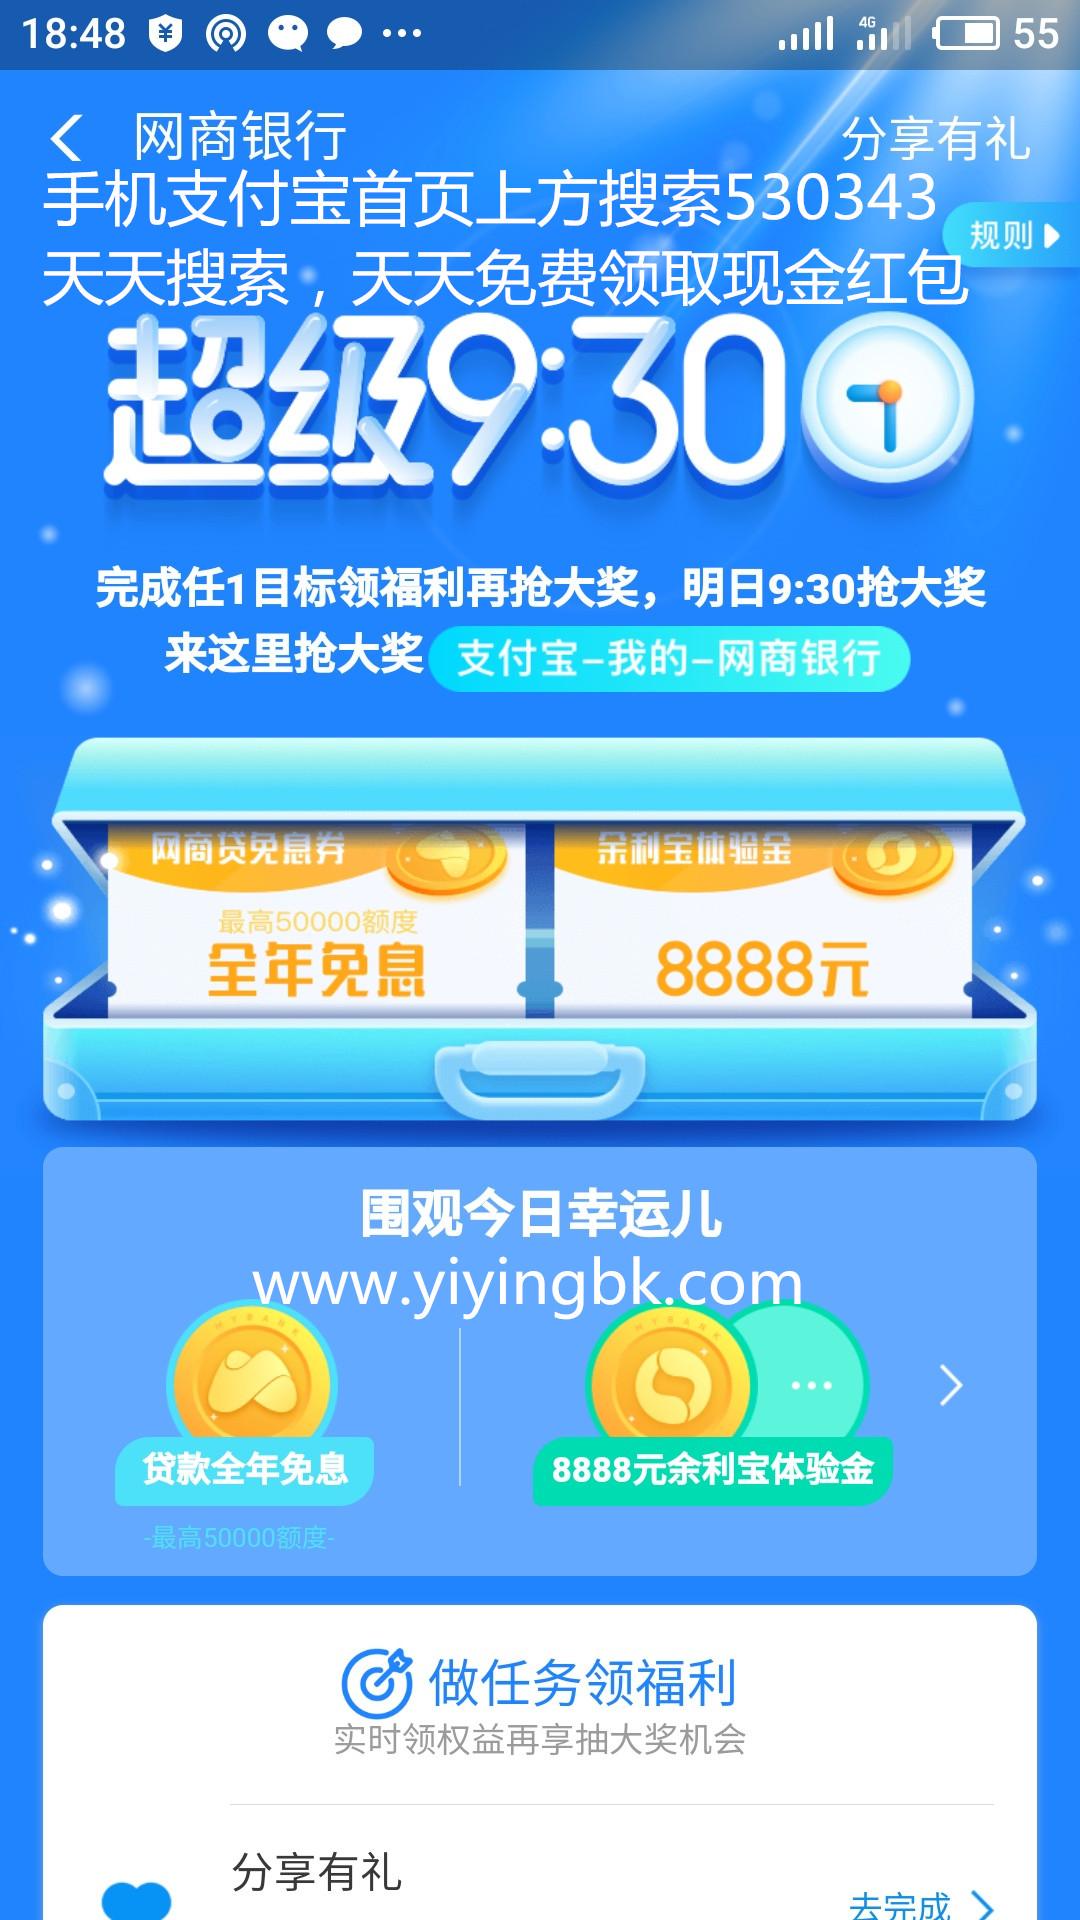 网商银行余利宝超级930